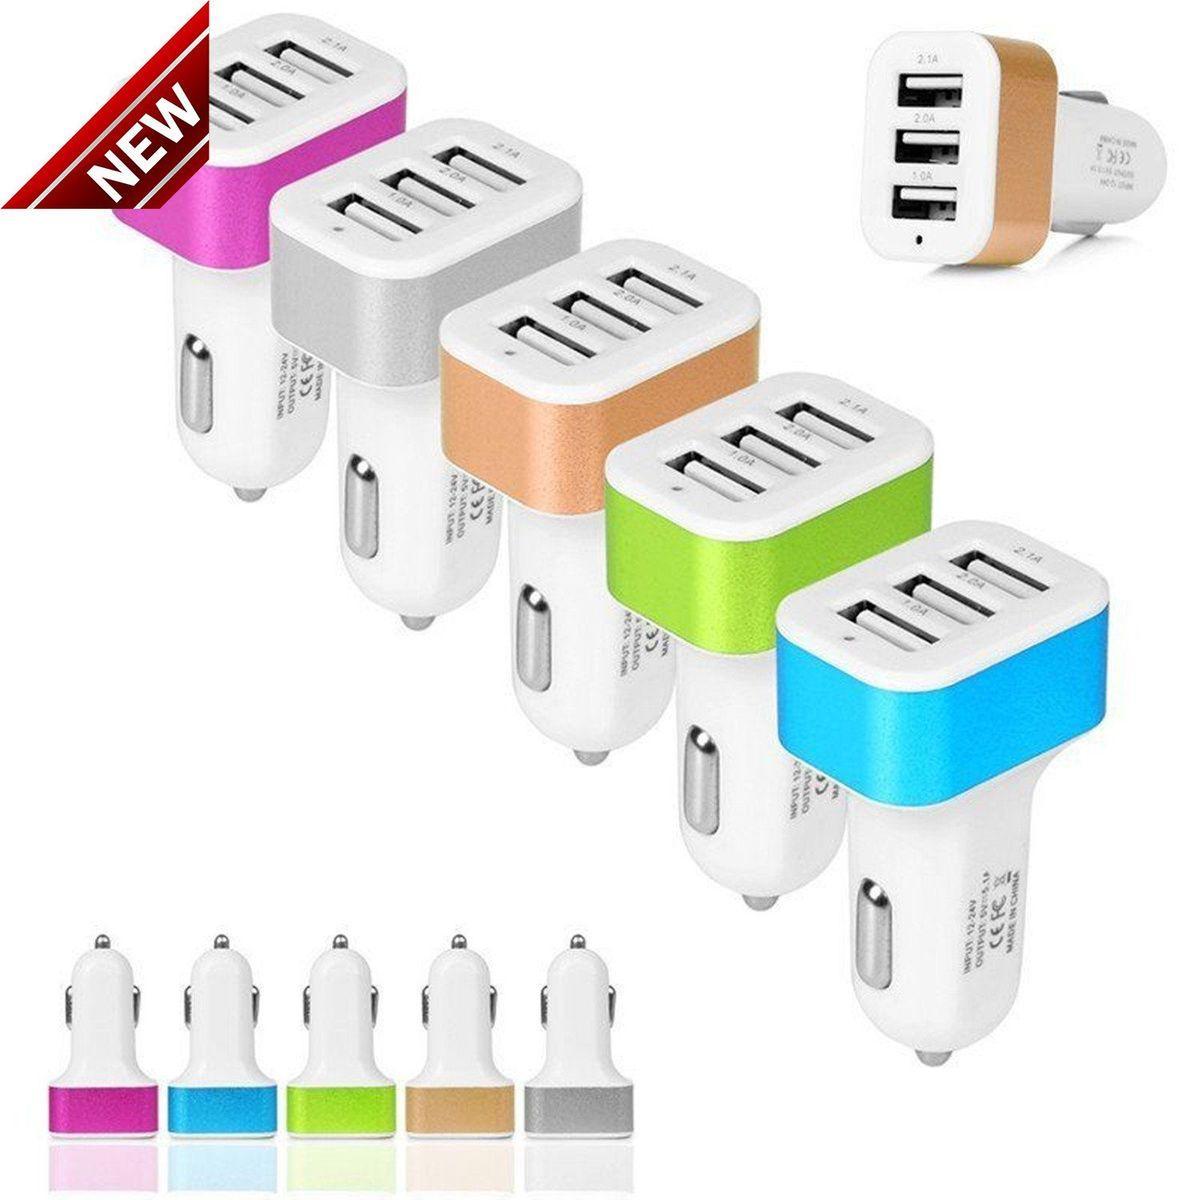 Yeni Evrensel Üçlü USB Araç Şarj Adaptörü USB Soket 3 Port Araba-şarj iPhone Samsung Ipad Için Ücretsiz DHL Fazla 200 adet